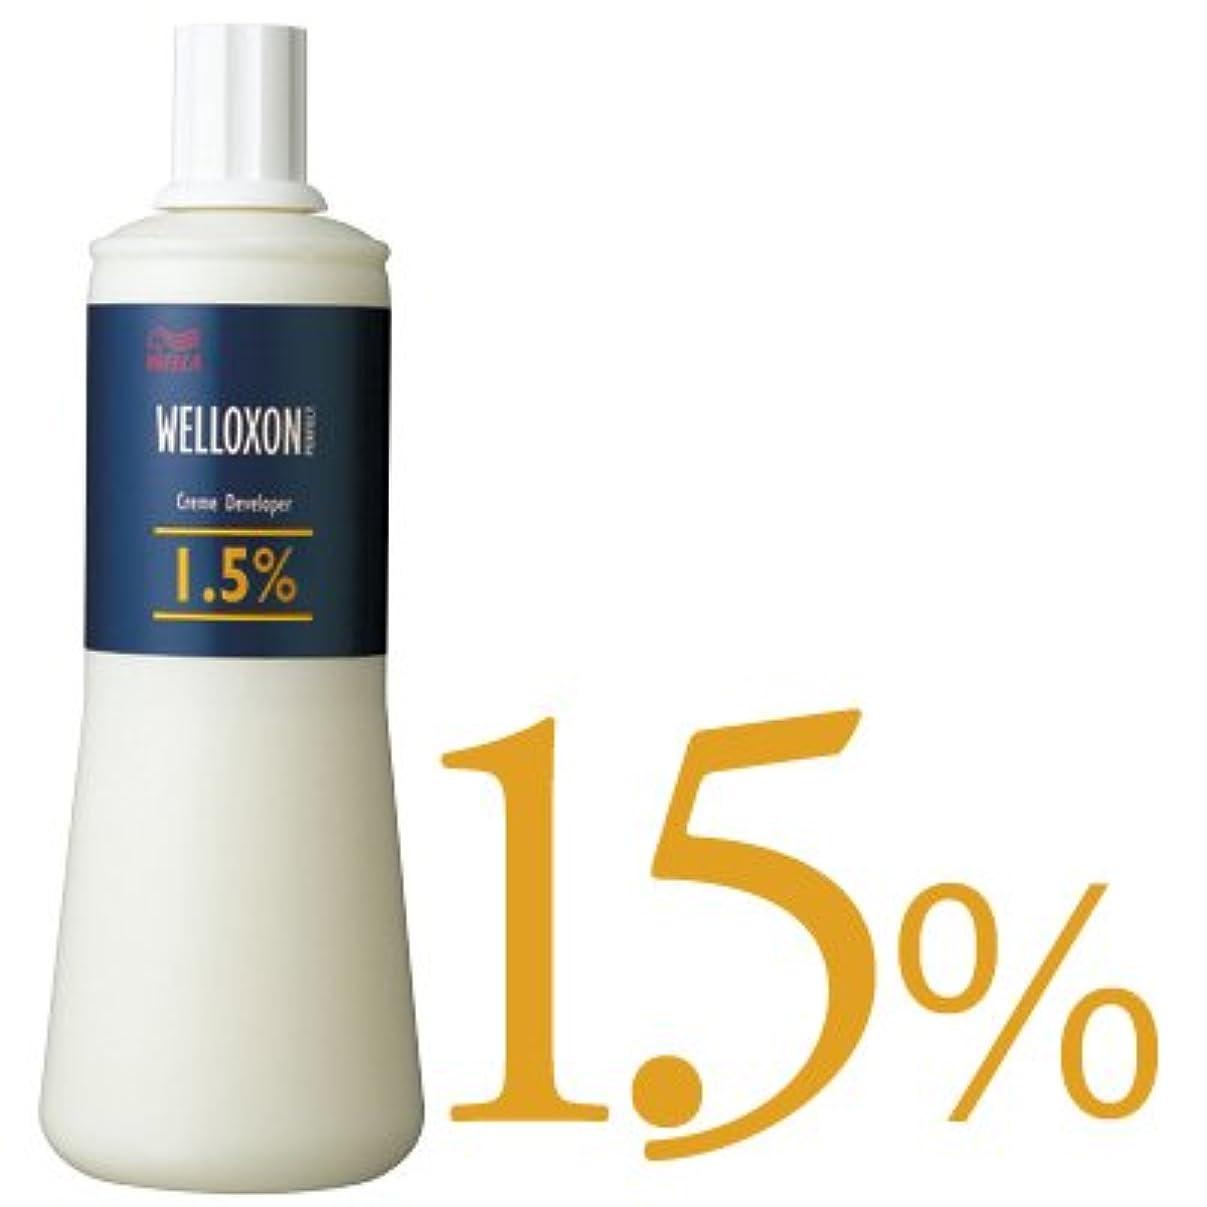 コメント民兵時系列ウエラ ウエロキソンパーフェクト 1.5%